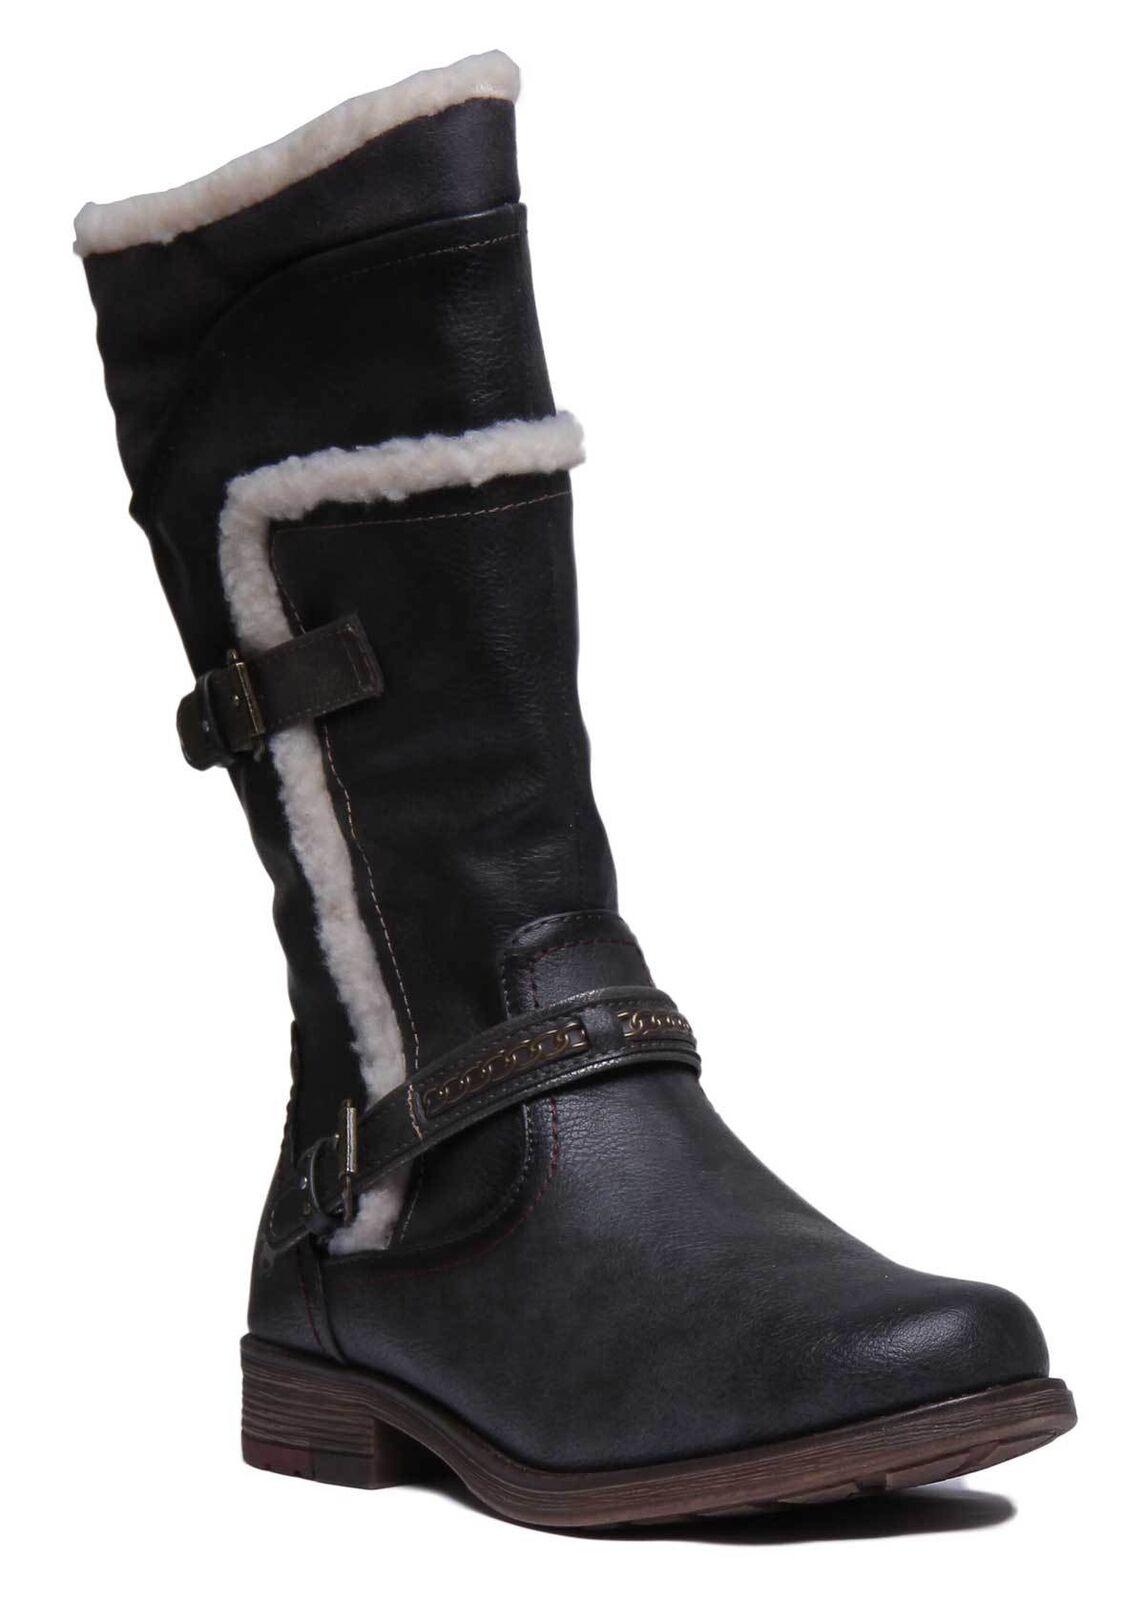 Mustang 1295-605 Mujeres Cuero Sintético Grafito botas Largas tamaño de Reino Unido 3 - 8